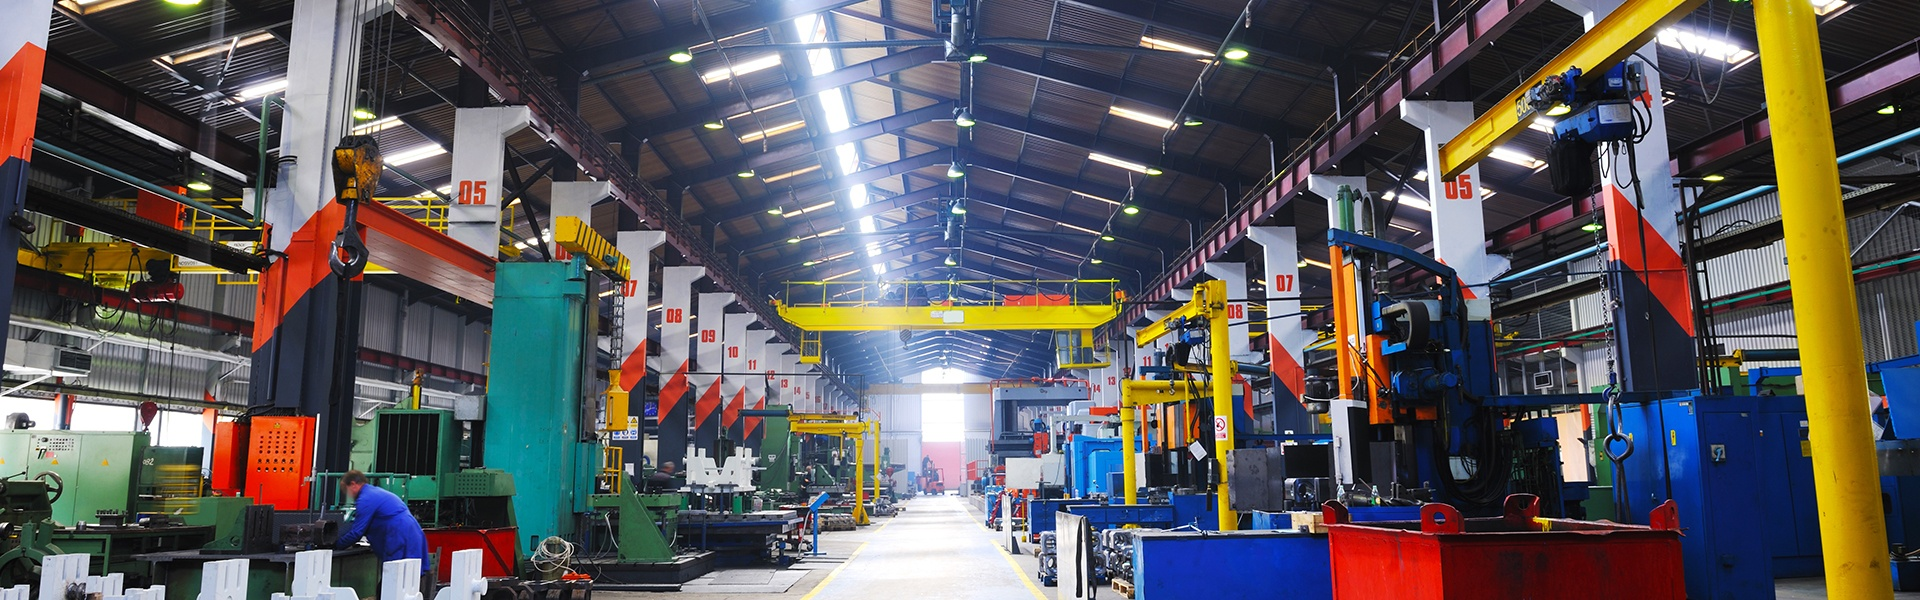 BLITZ Service & Handels GmbH - Reinigung von Industrieanlagen